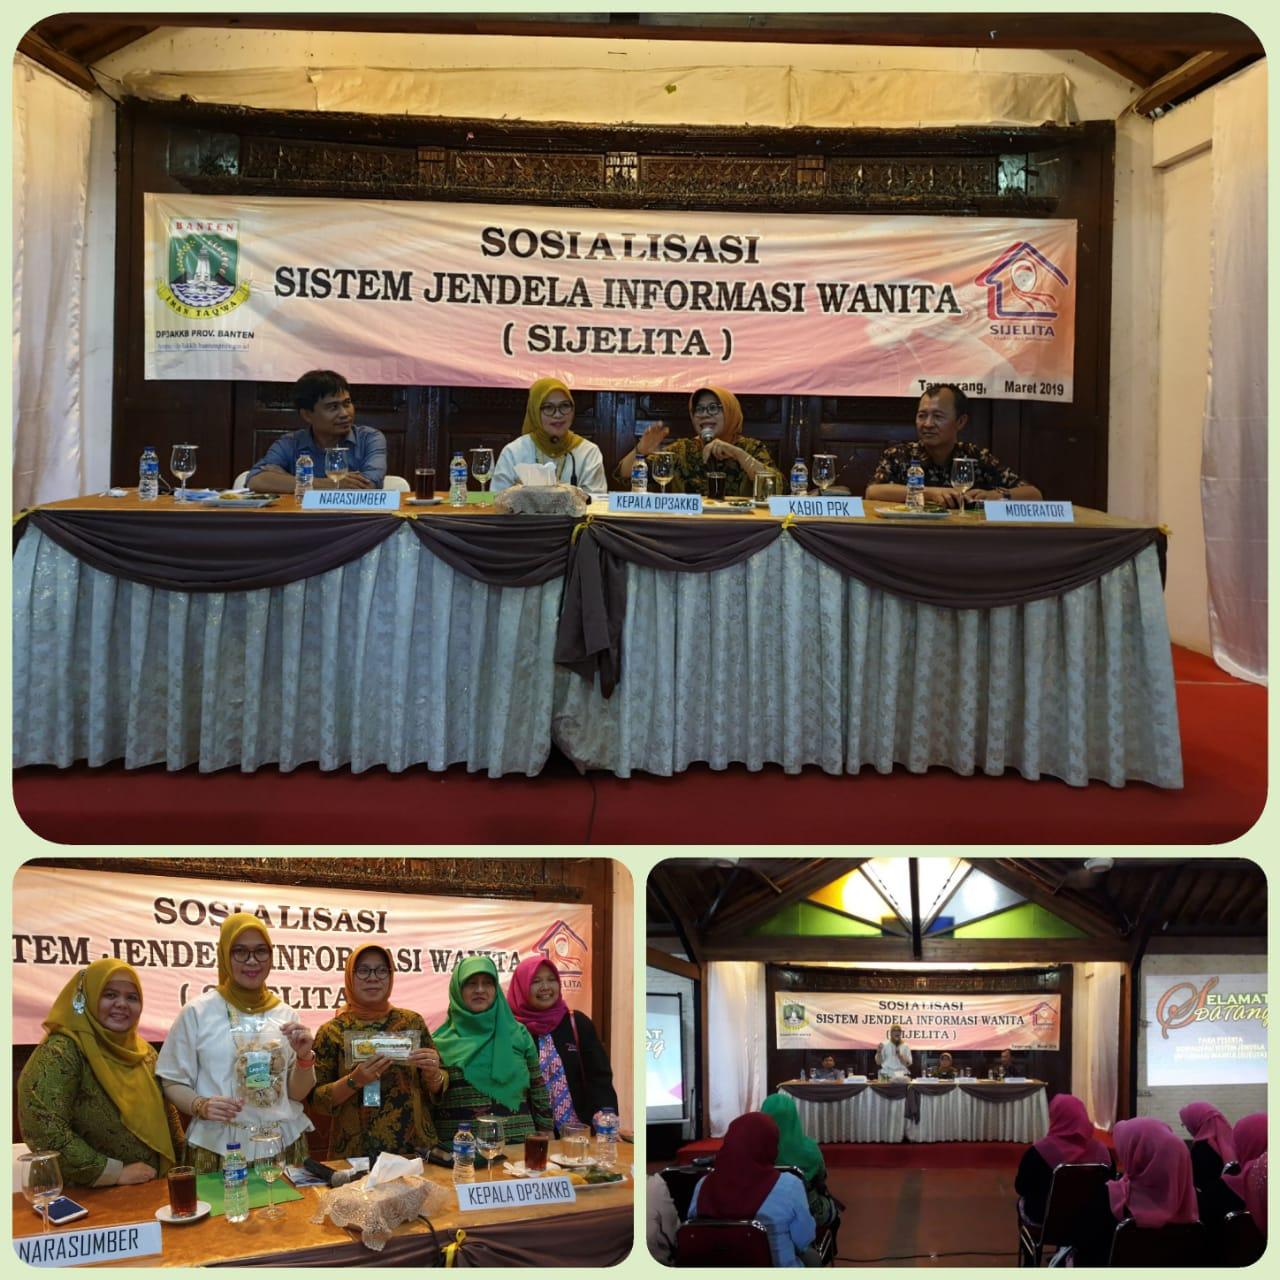 Menumbuhkan Entrepreneurship Perempuan untuk Mempersiapkan Tantangan Era 4.0 melalui SIJELITA di Kota Tangerang Selatan